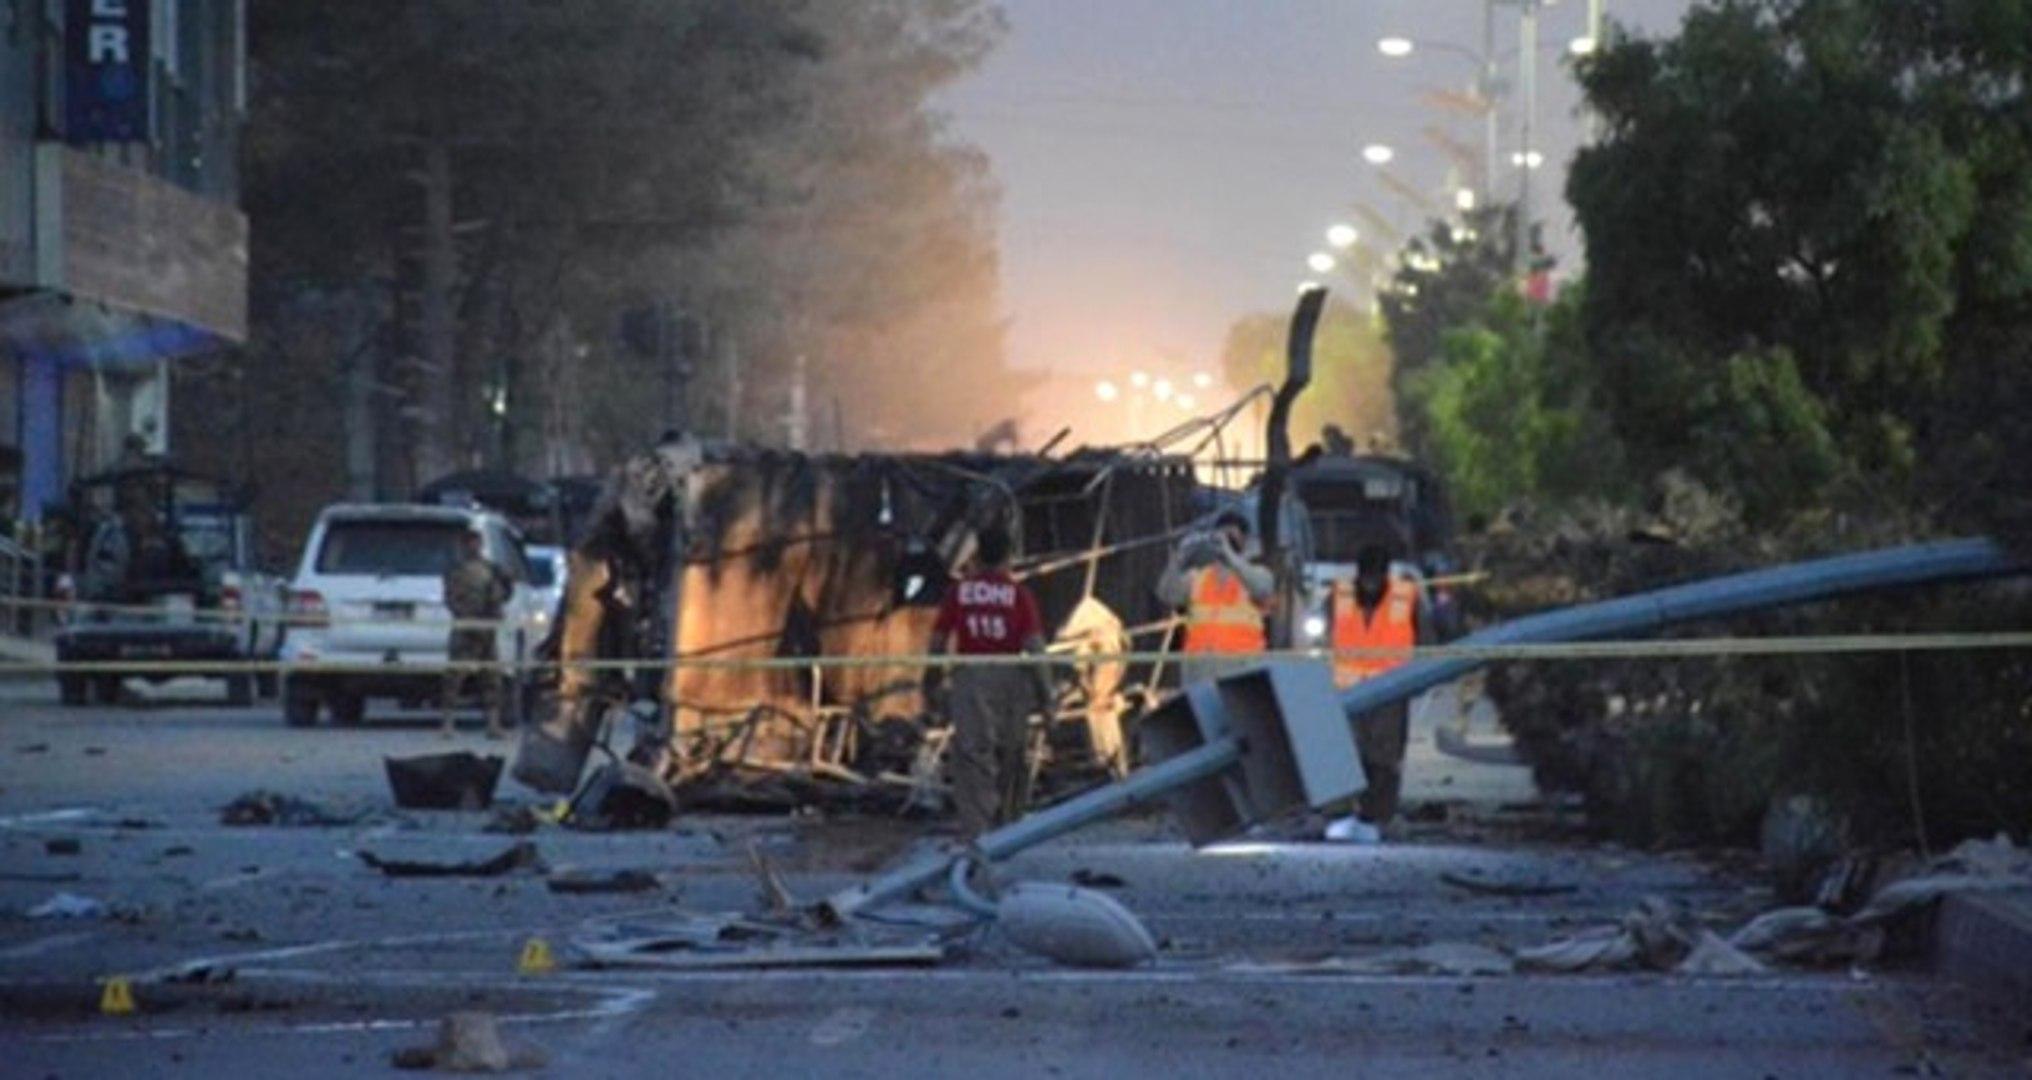 Pakistan'da İki Mitinge Bombalı Saldırı: 132 Ölü, 230'dan Fazla Yaralı